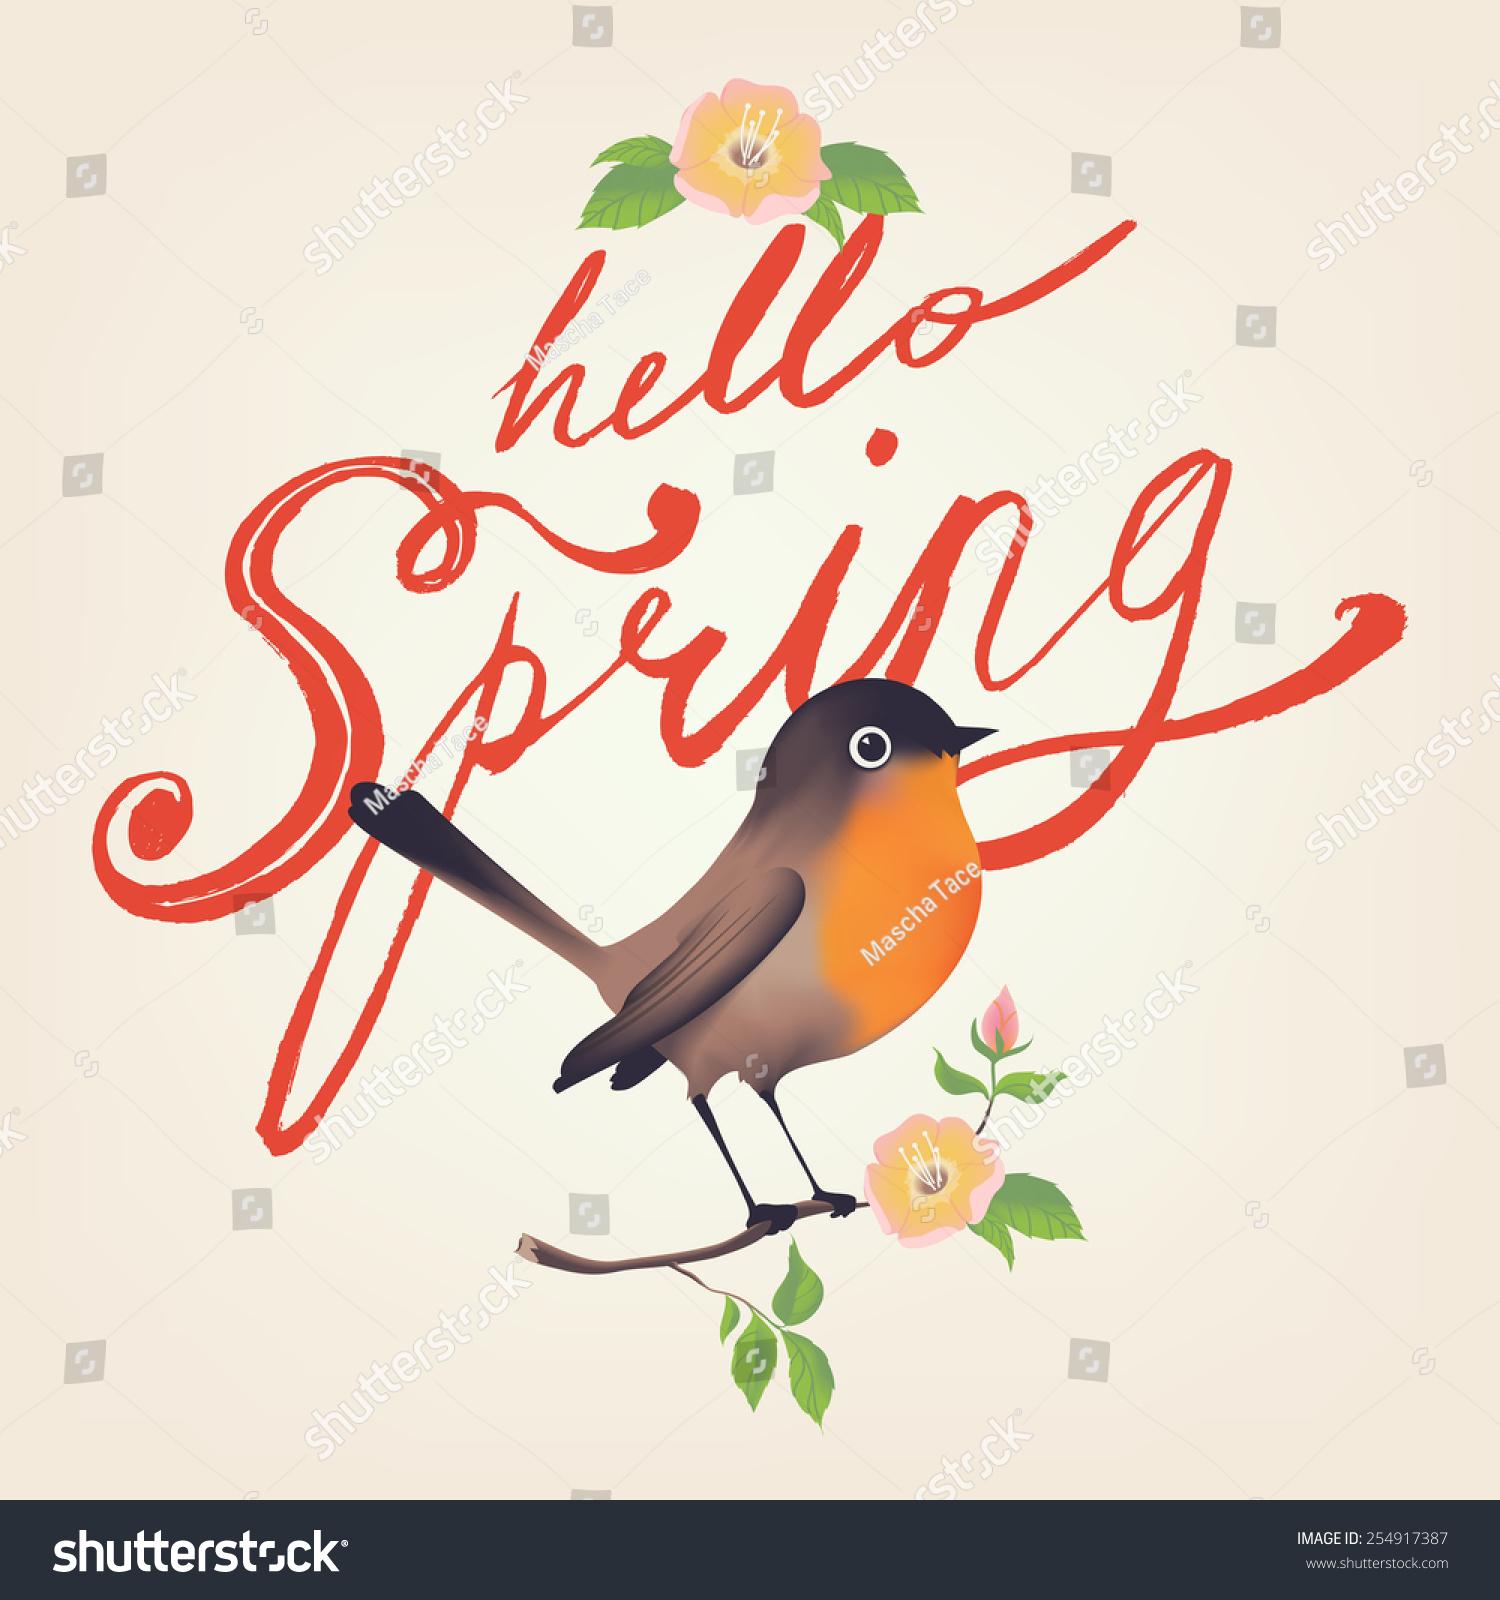 矢量春天你好交互排名刷脚本字体设计与小鸟坐培训学校设计ui手绘复古图片